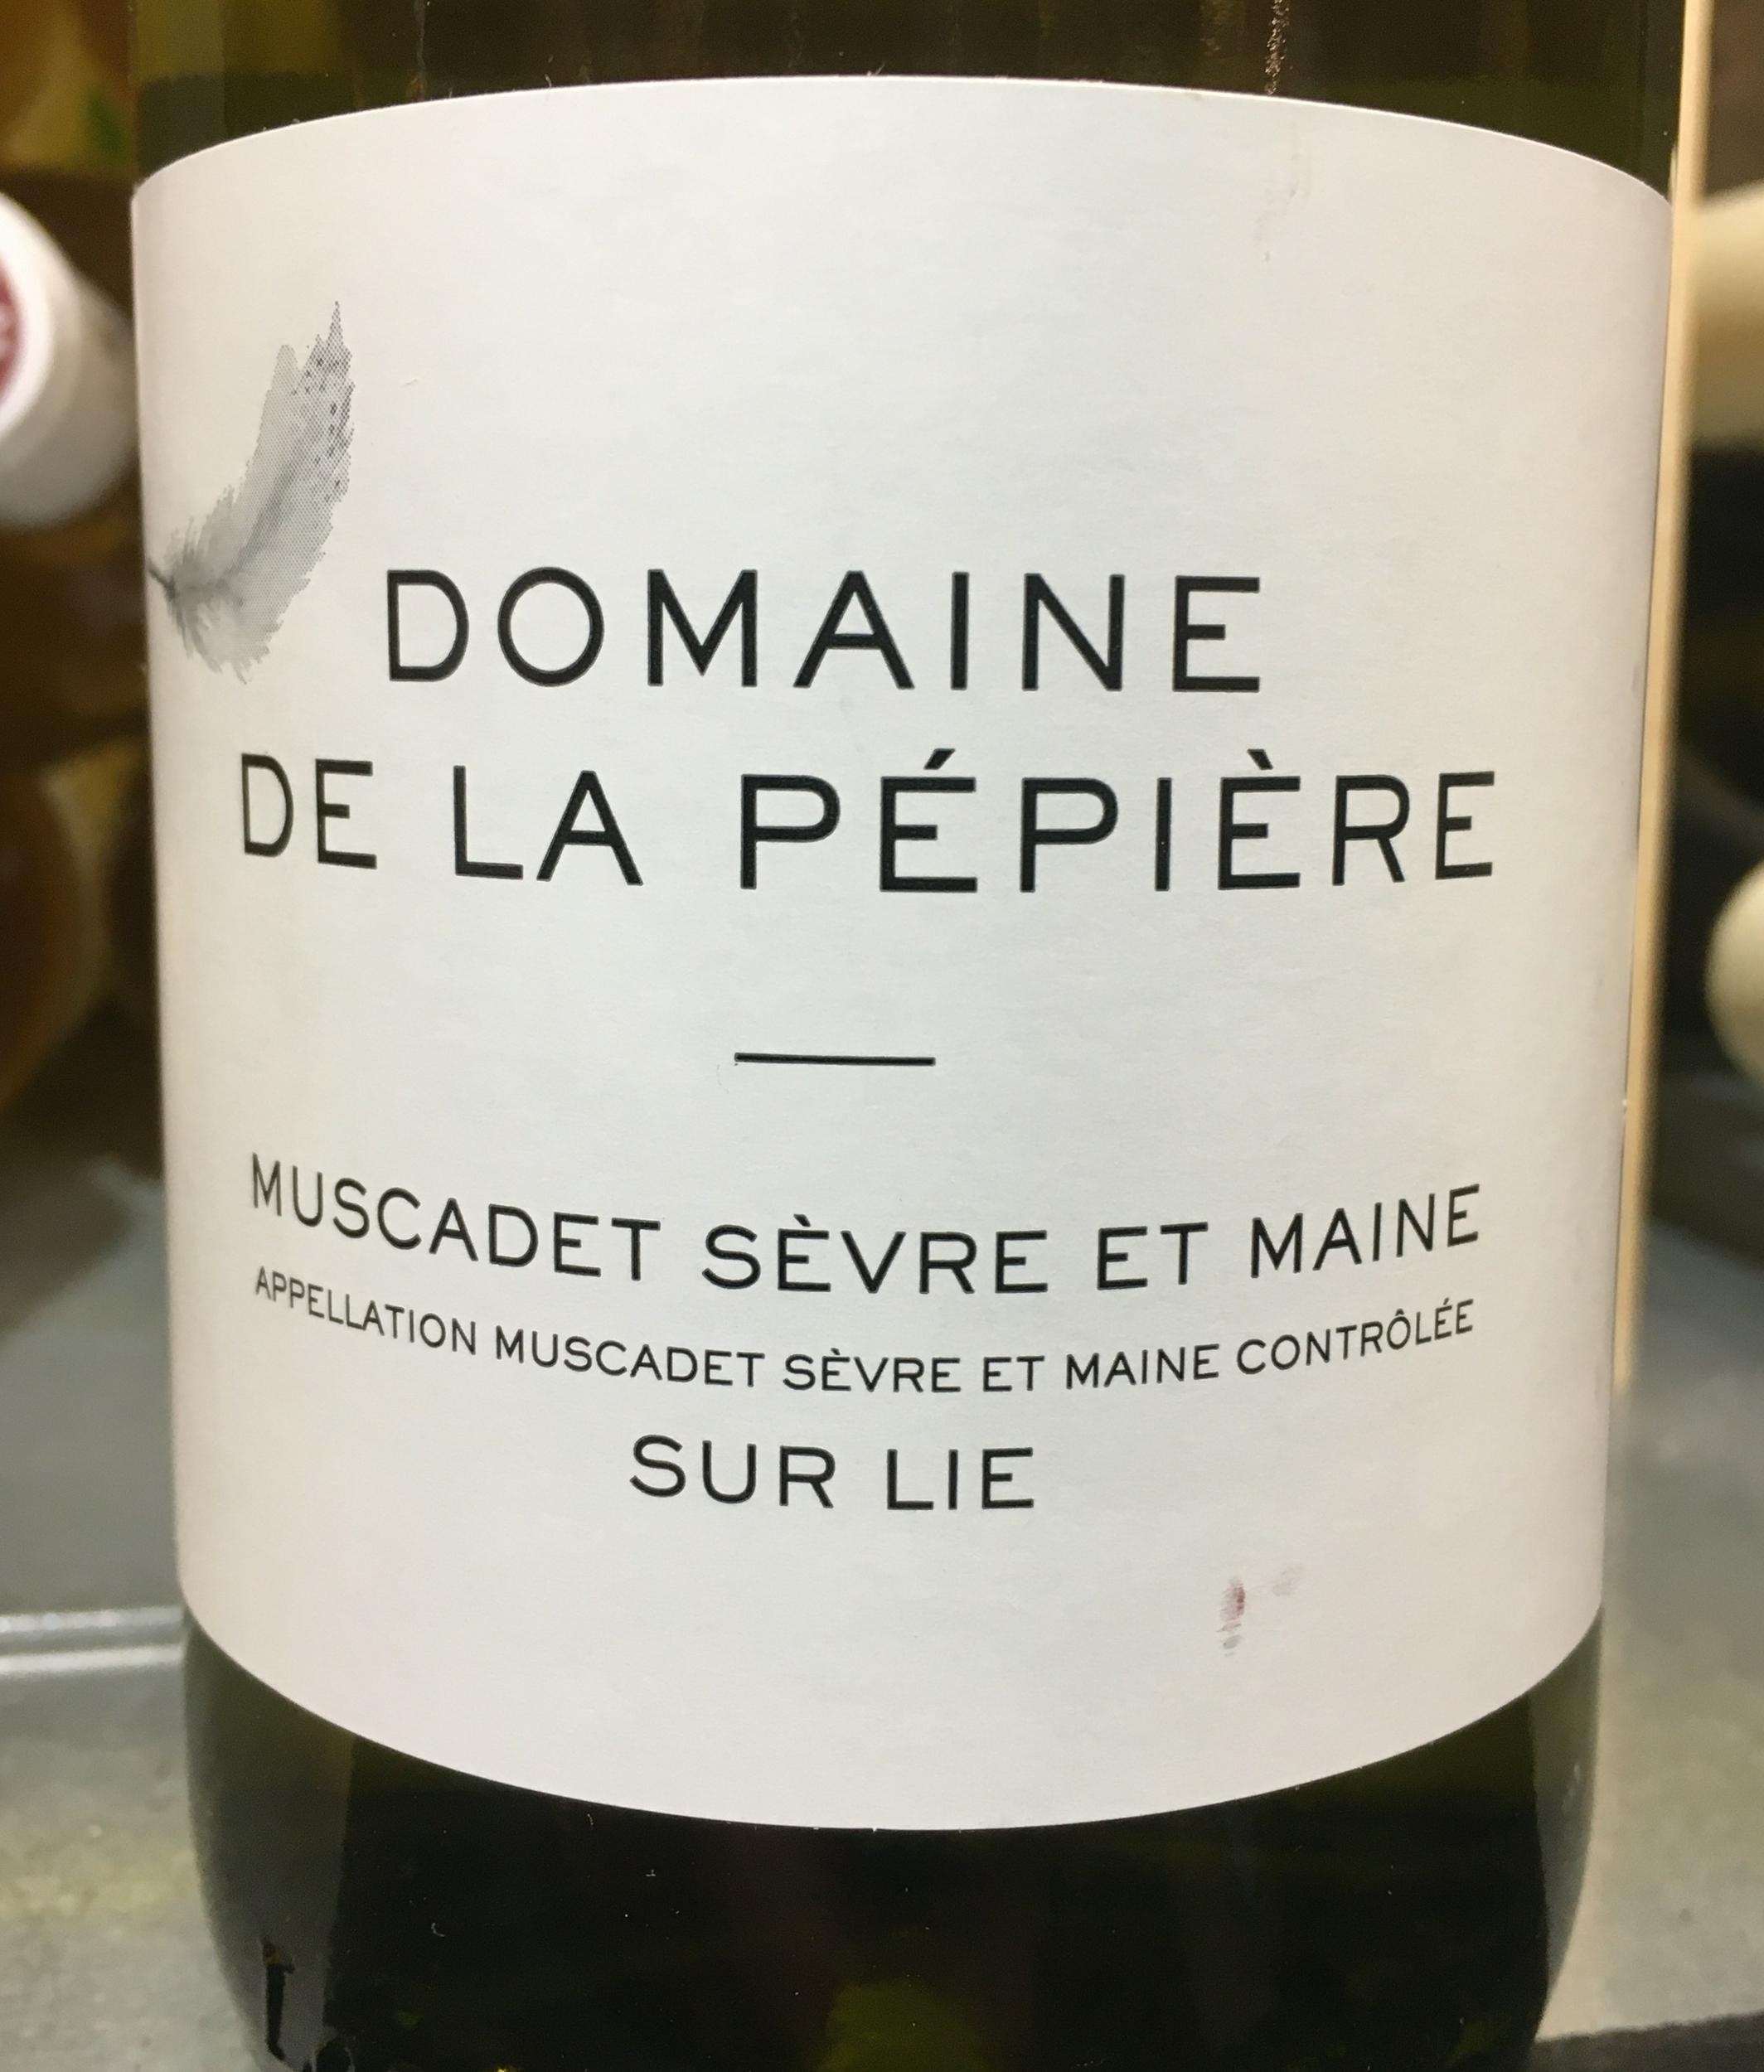 Muscadet Sèvre et Maine Domaine de la Pépière